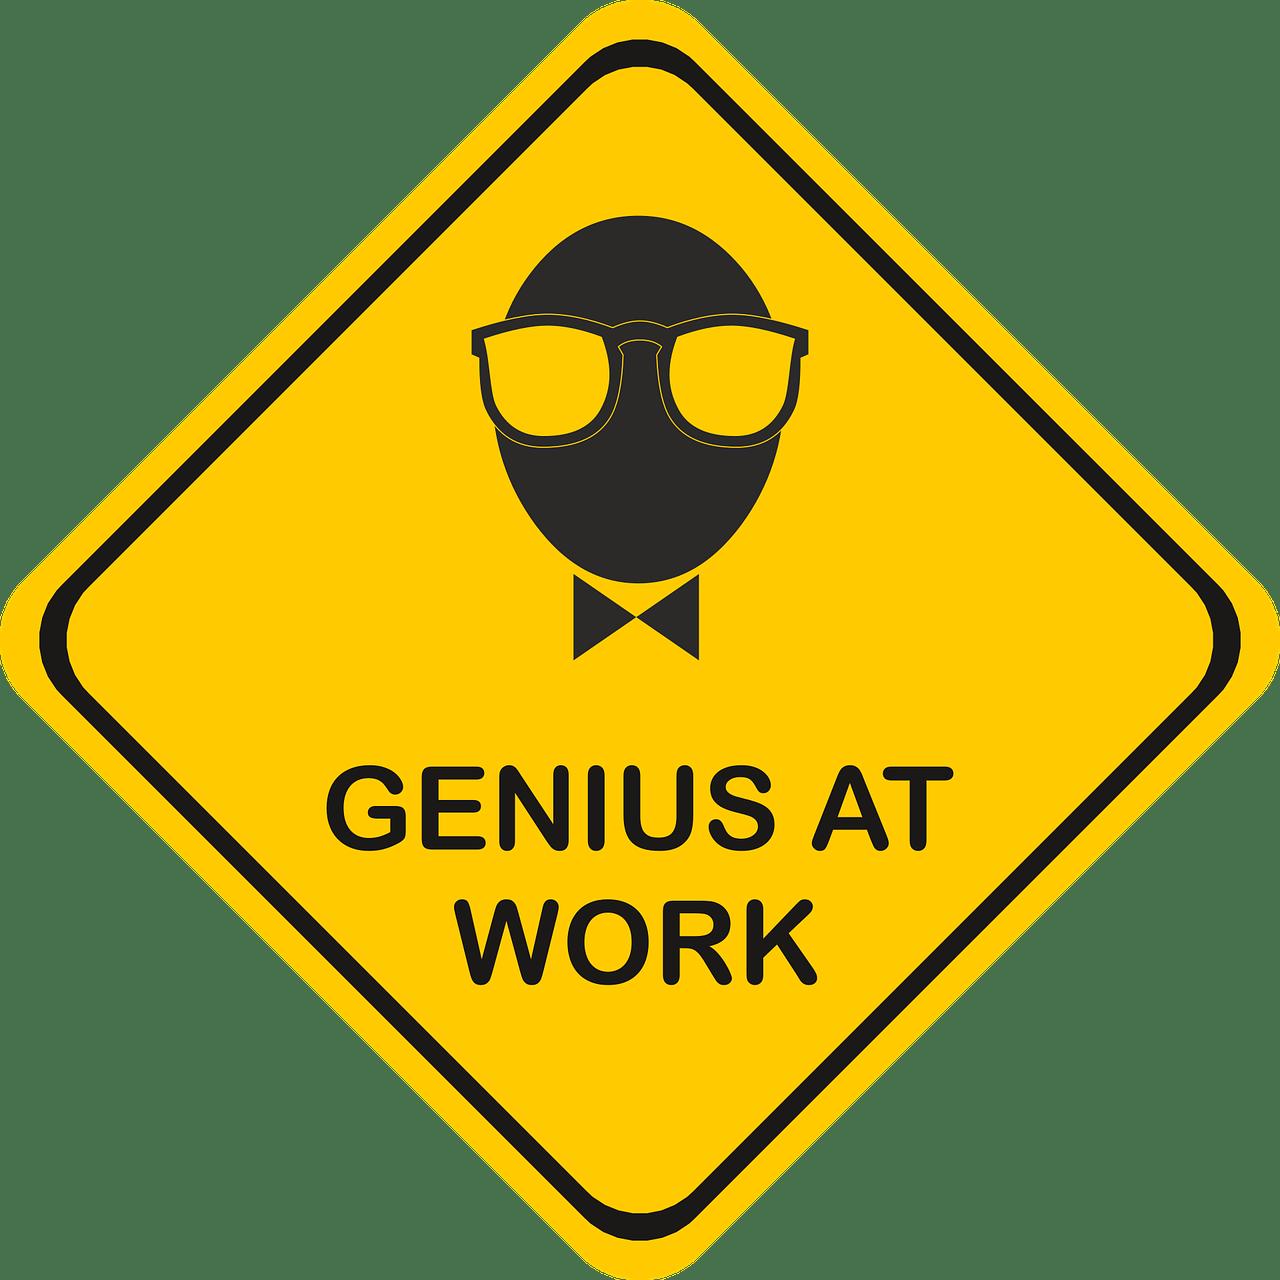 Genius at Work Sign